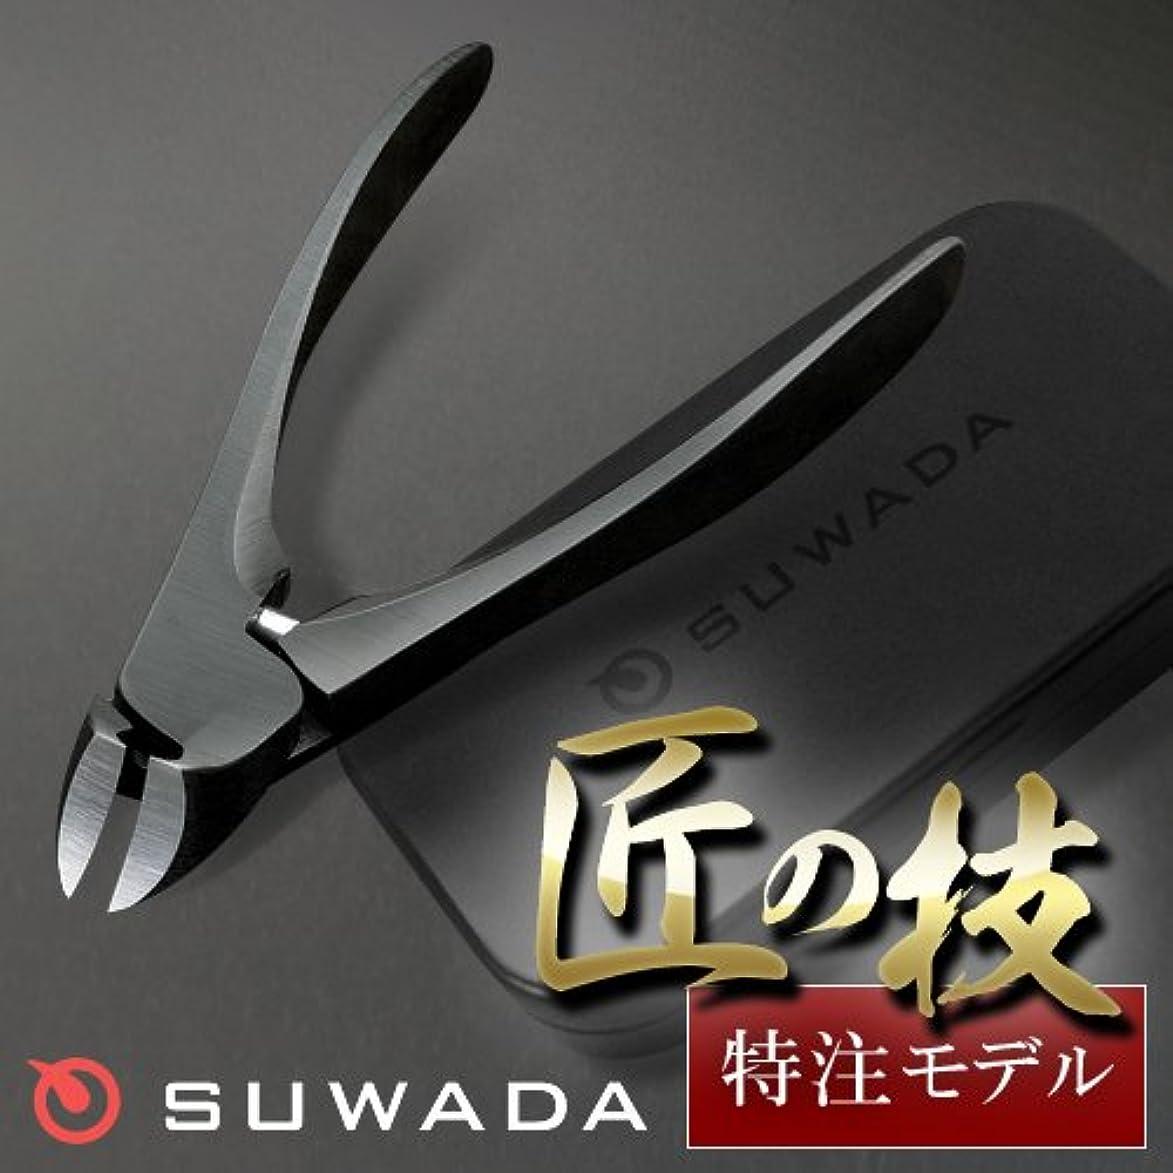 回転させる私記念品SUWADA爪切りブラックL&メタルケースセット 特注モデル 諏訪田製作所製 スワダの爪切り